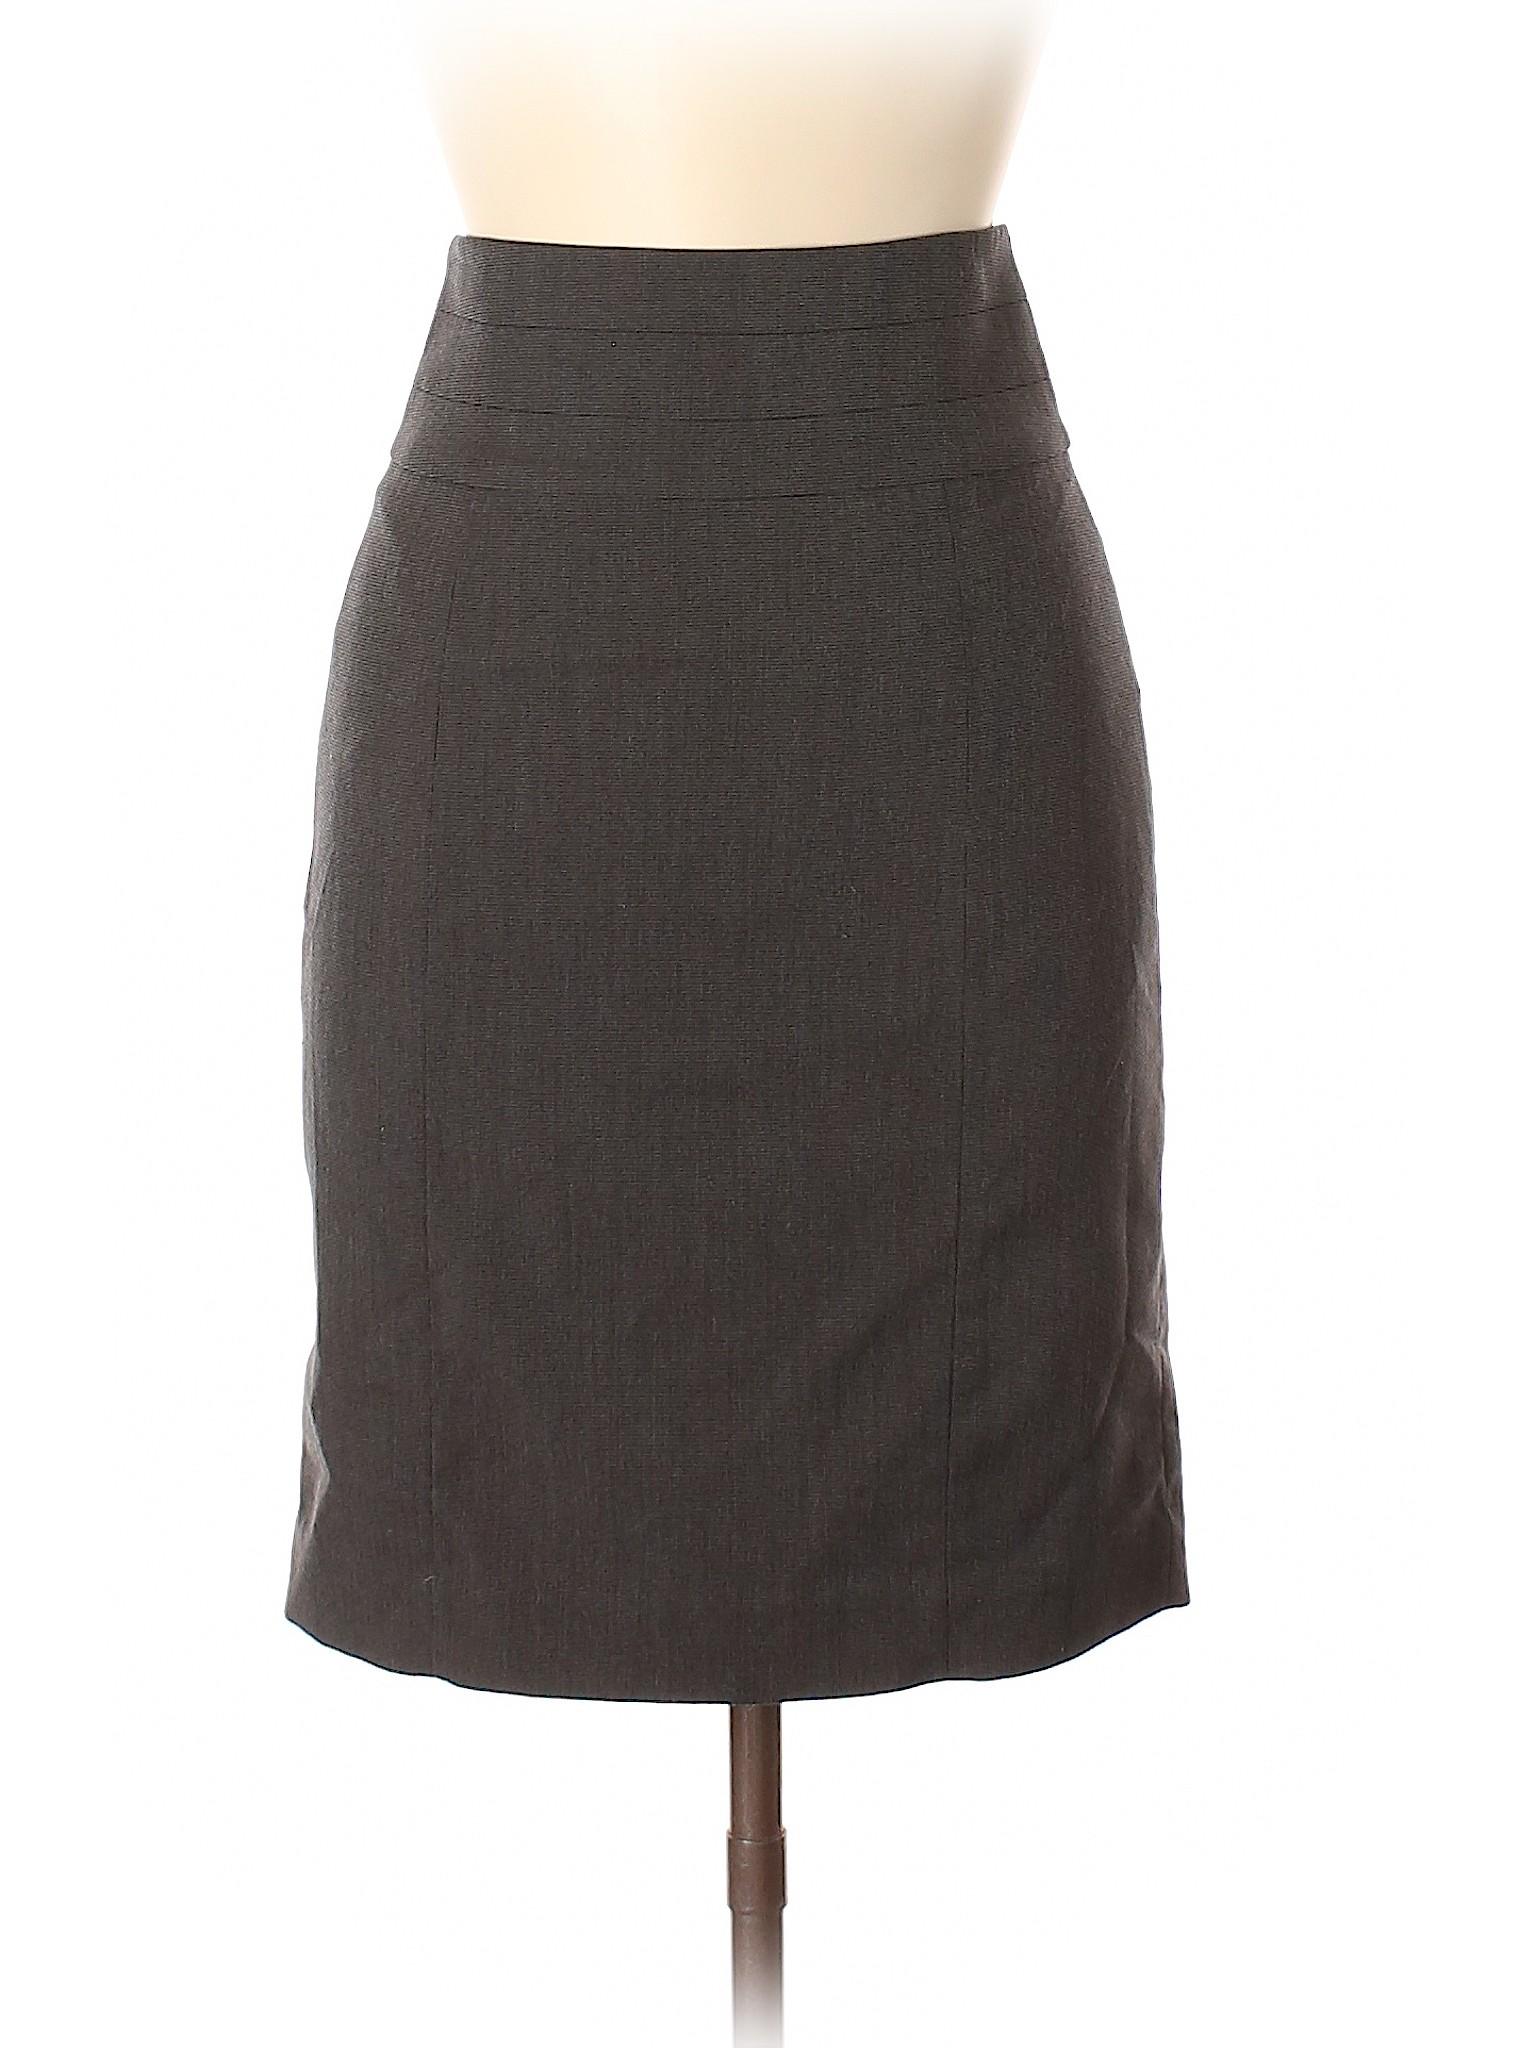 Casual Skirt Skirt Casual Skirt Boutique Boutique Boutique Casual wxITqap7B